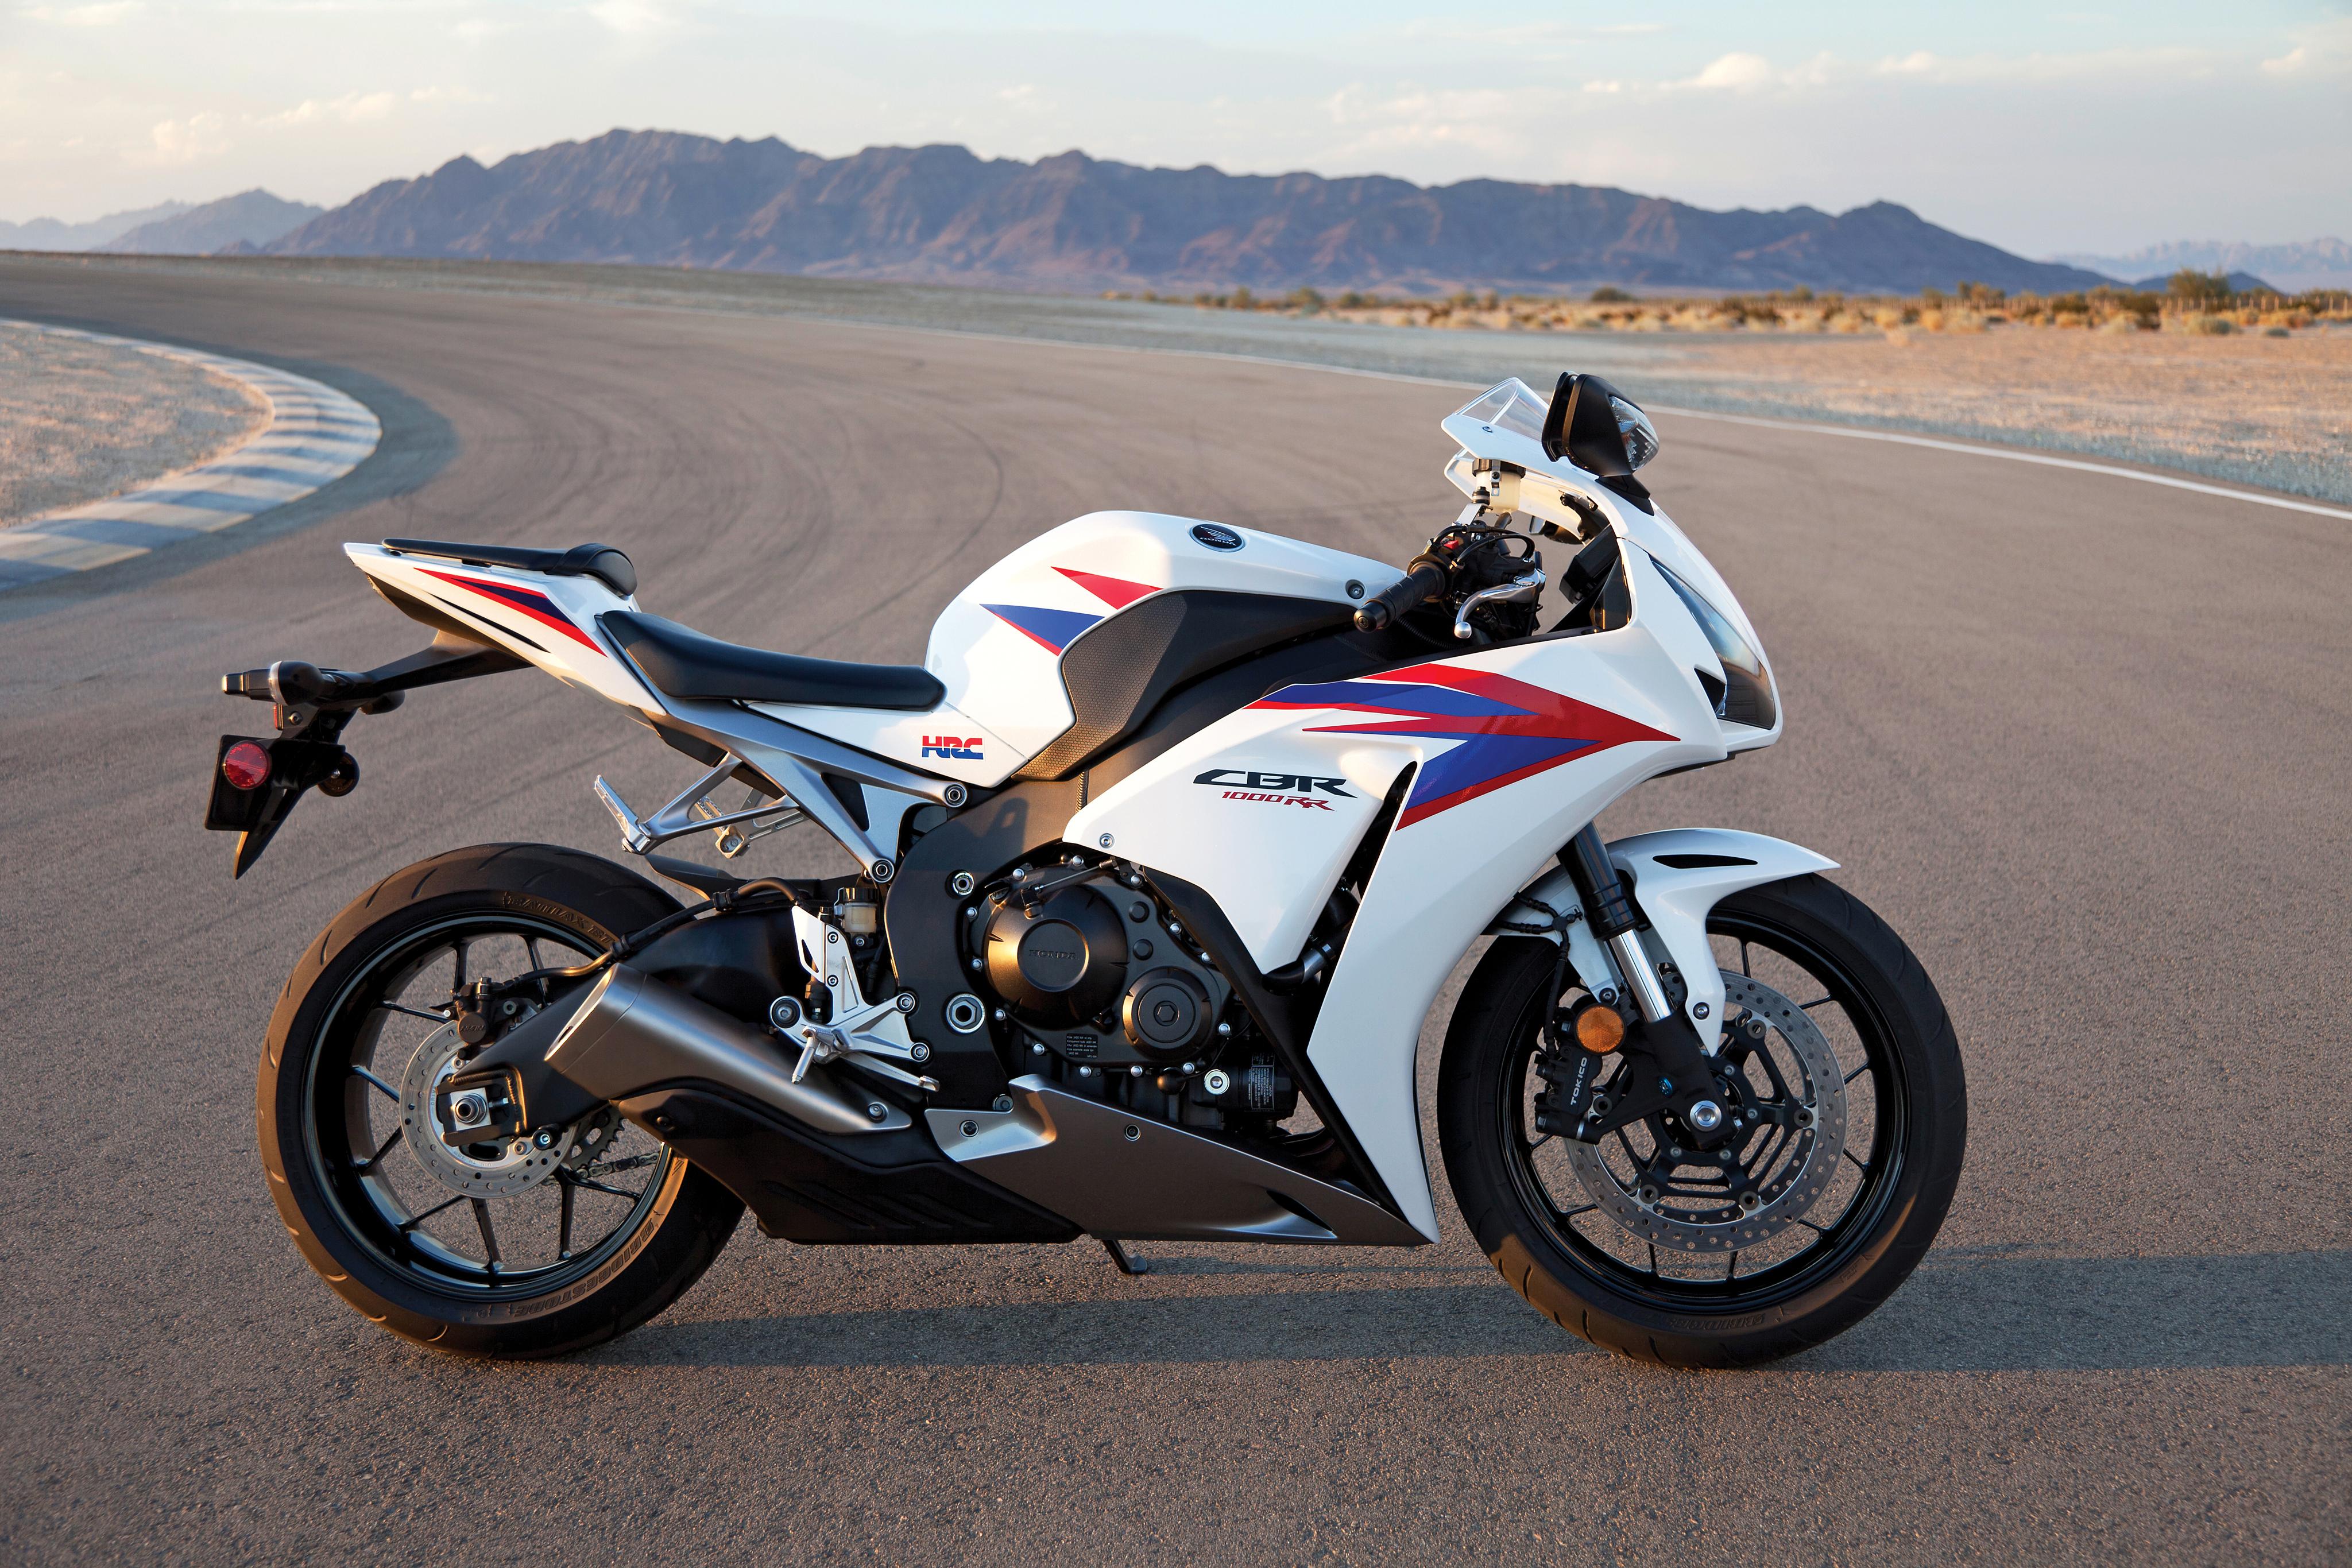 Honda Cbr Motorcycle 4k Hd Desktop Wallpaper For 4k Ultra: Honda CBR1000RR 4k Ultra HD Wallpaper